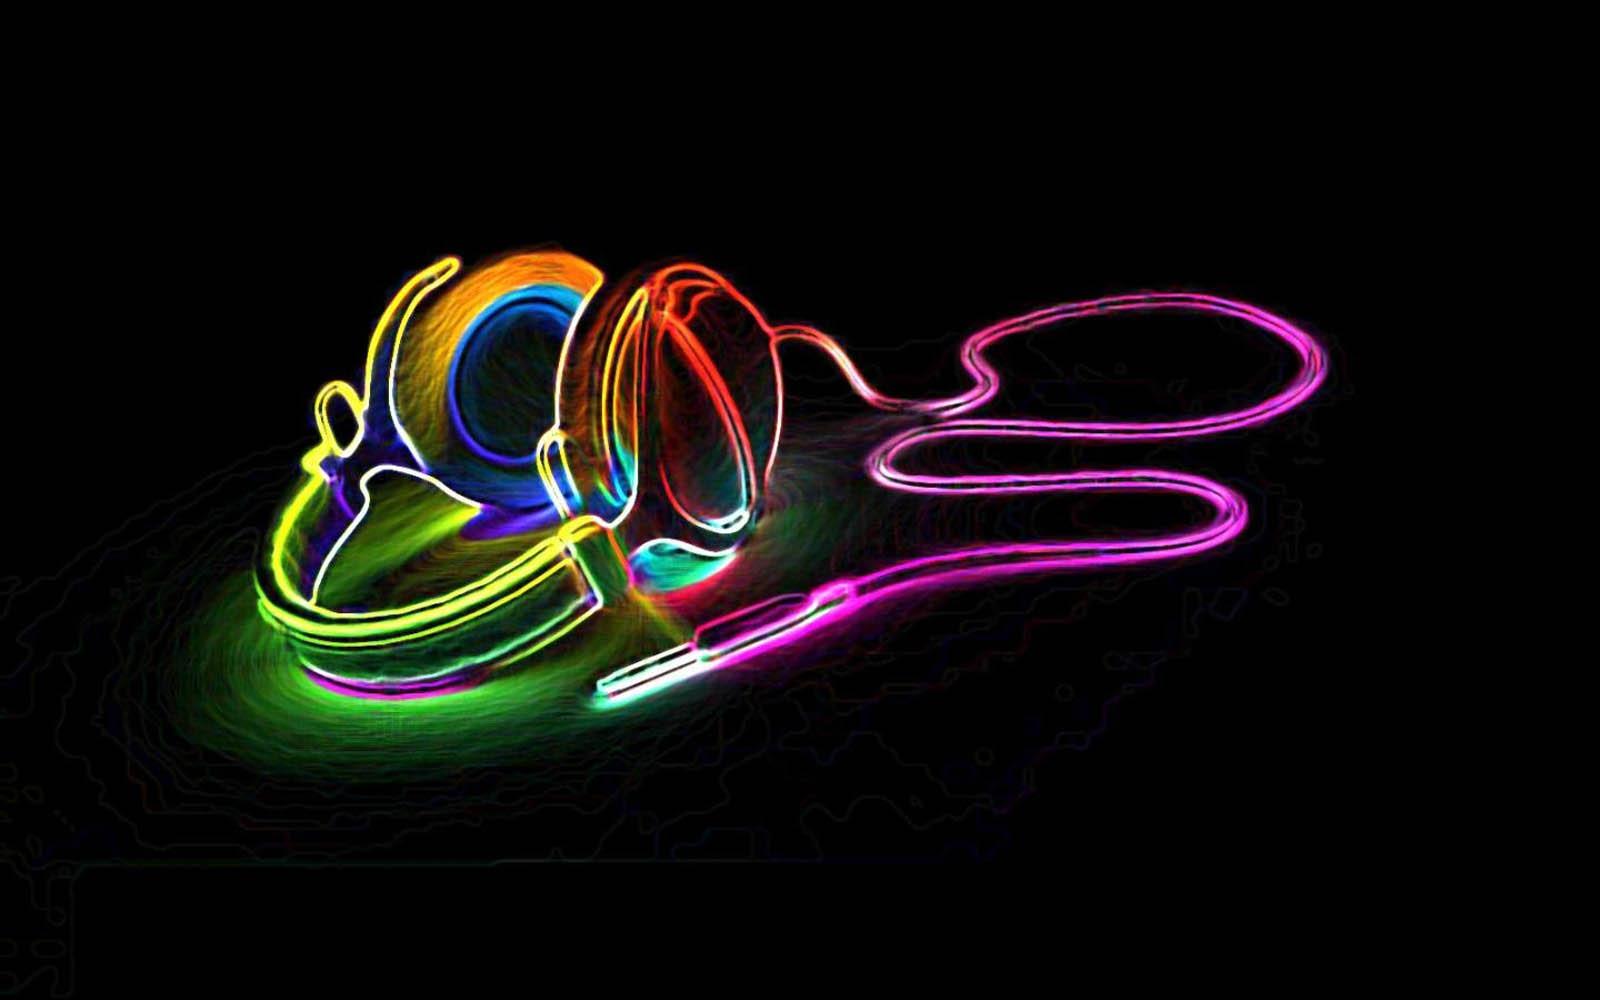 Neon Art Wallpapers Neon Art DesktopWallpapers Neon Art Desktop 1600x1000